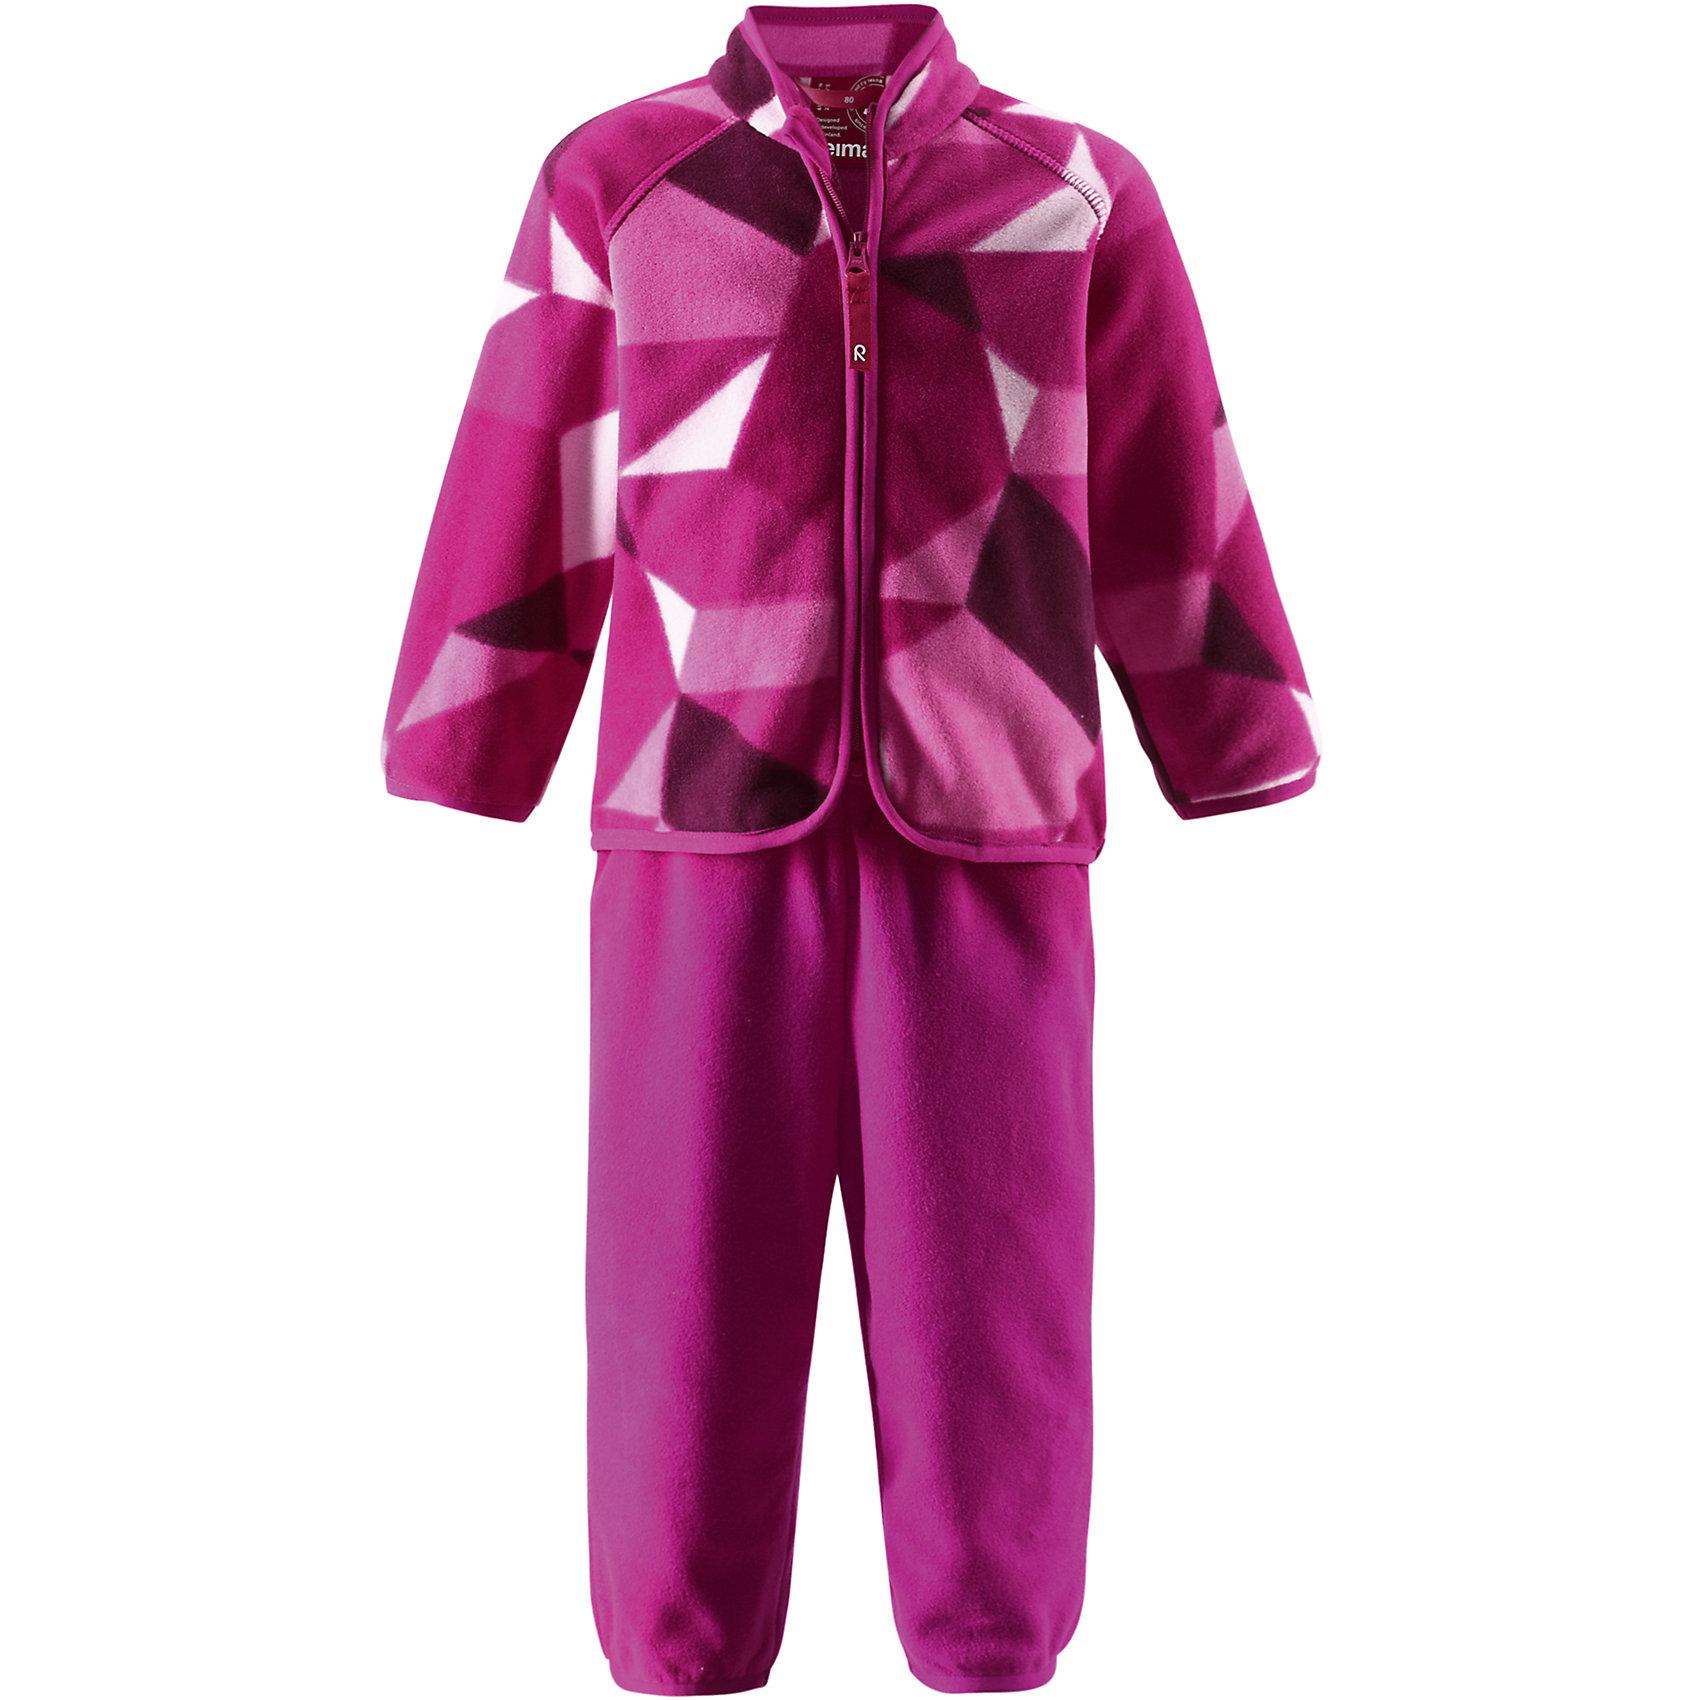 Комплект флисовый для девочки ReimaТёплый флисовый комплект для малышей можно надевать под зимнюю одежду в холодные зимние дни! Выполненный из быстро сохнущего функционального флиса, этот комплект является лёгким и одновременно тёплым. Материал эффективно выводит влагу во внешние слои, и маленькие активные искатели зимних приключений остаются в тепле и сухости! Флисовая кофта украшена забавным принтом, а удлинённый задний подол обеспечивает дополнительное тепло для нижней части спины. Молния по всей длине облегчает процесс одевания, а благодаря защите подбородка маленькая шейка и подбородок не поцарапаются. Благодаря удобным кнопкам для пристегивания среднего слоя к верхней одежде по системе PlayLayers® многие из средних слоёв Reima® могут пристёгиваться к комбинезону, чтобы малышу было теплее и комфортнее.<br><br>Дополнительная информация:<br><br>Материал: 100% полиэстер<br>Флисовый комплект для малышей<br>Тёплый, лёгкий, быстро сохнущий флис<br>Молния по всей длине с защитой подбородка<br>Забавный принт по всей поверхности ткани<br>Удлинённая спинка для дополнительного тепла<br>Можно пристёгивать к верхней одежде с помощью кнопок по системе PlayLayers®.<br><br>Комплект флисовый для девочки Reima (Рейма) можно купить в нашем магазине.<br><br>Ширина мм: 190<br>Глубина мм: 74<br>Высота мм: 229<br>Вес г: 236<br>Цвет: розовый<br>Возраст от месяцев: 12<br>Возраст до месяцев: 18<br>Пол: Женский<br>Возраст: Детский<br>Размер: 86,92,98,80<br>SKU: 4416907